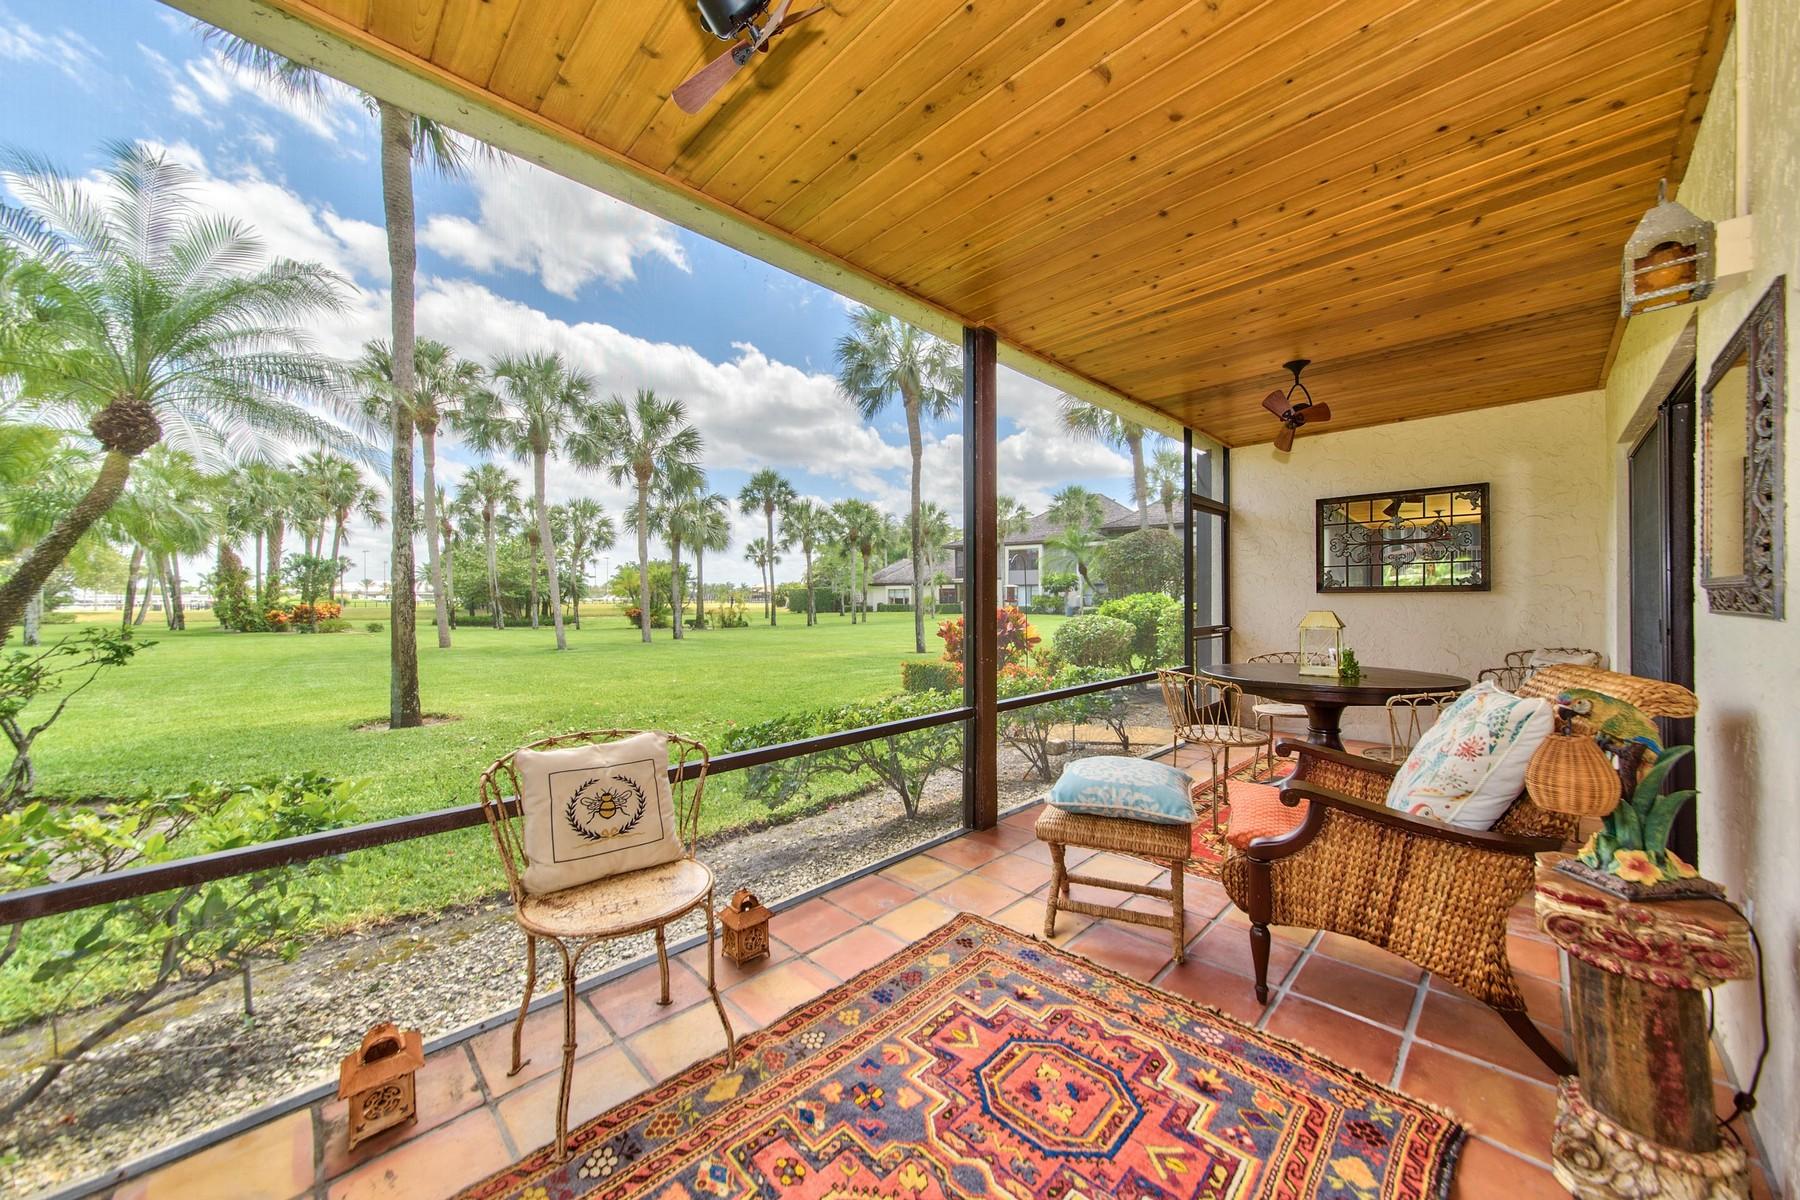 Частный односемейный дом для того Продажа на 13388 Polo Road W101 Wellington, Флорида, 33414 Соединенные Штаты